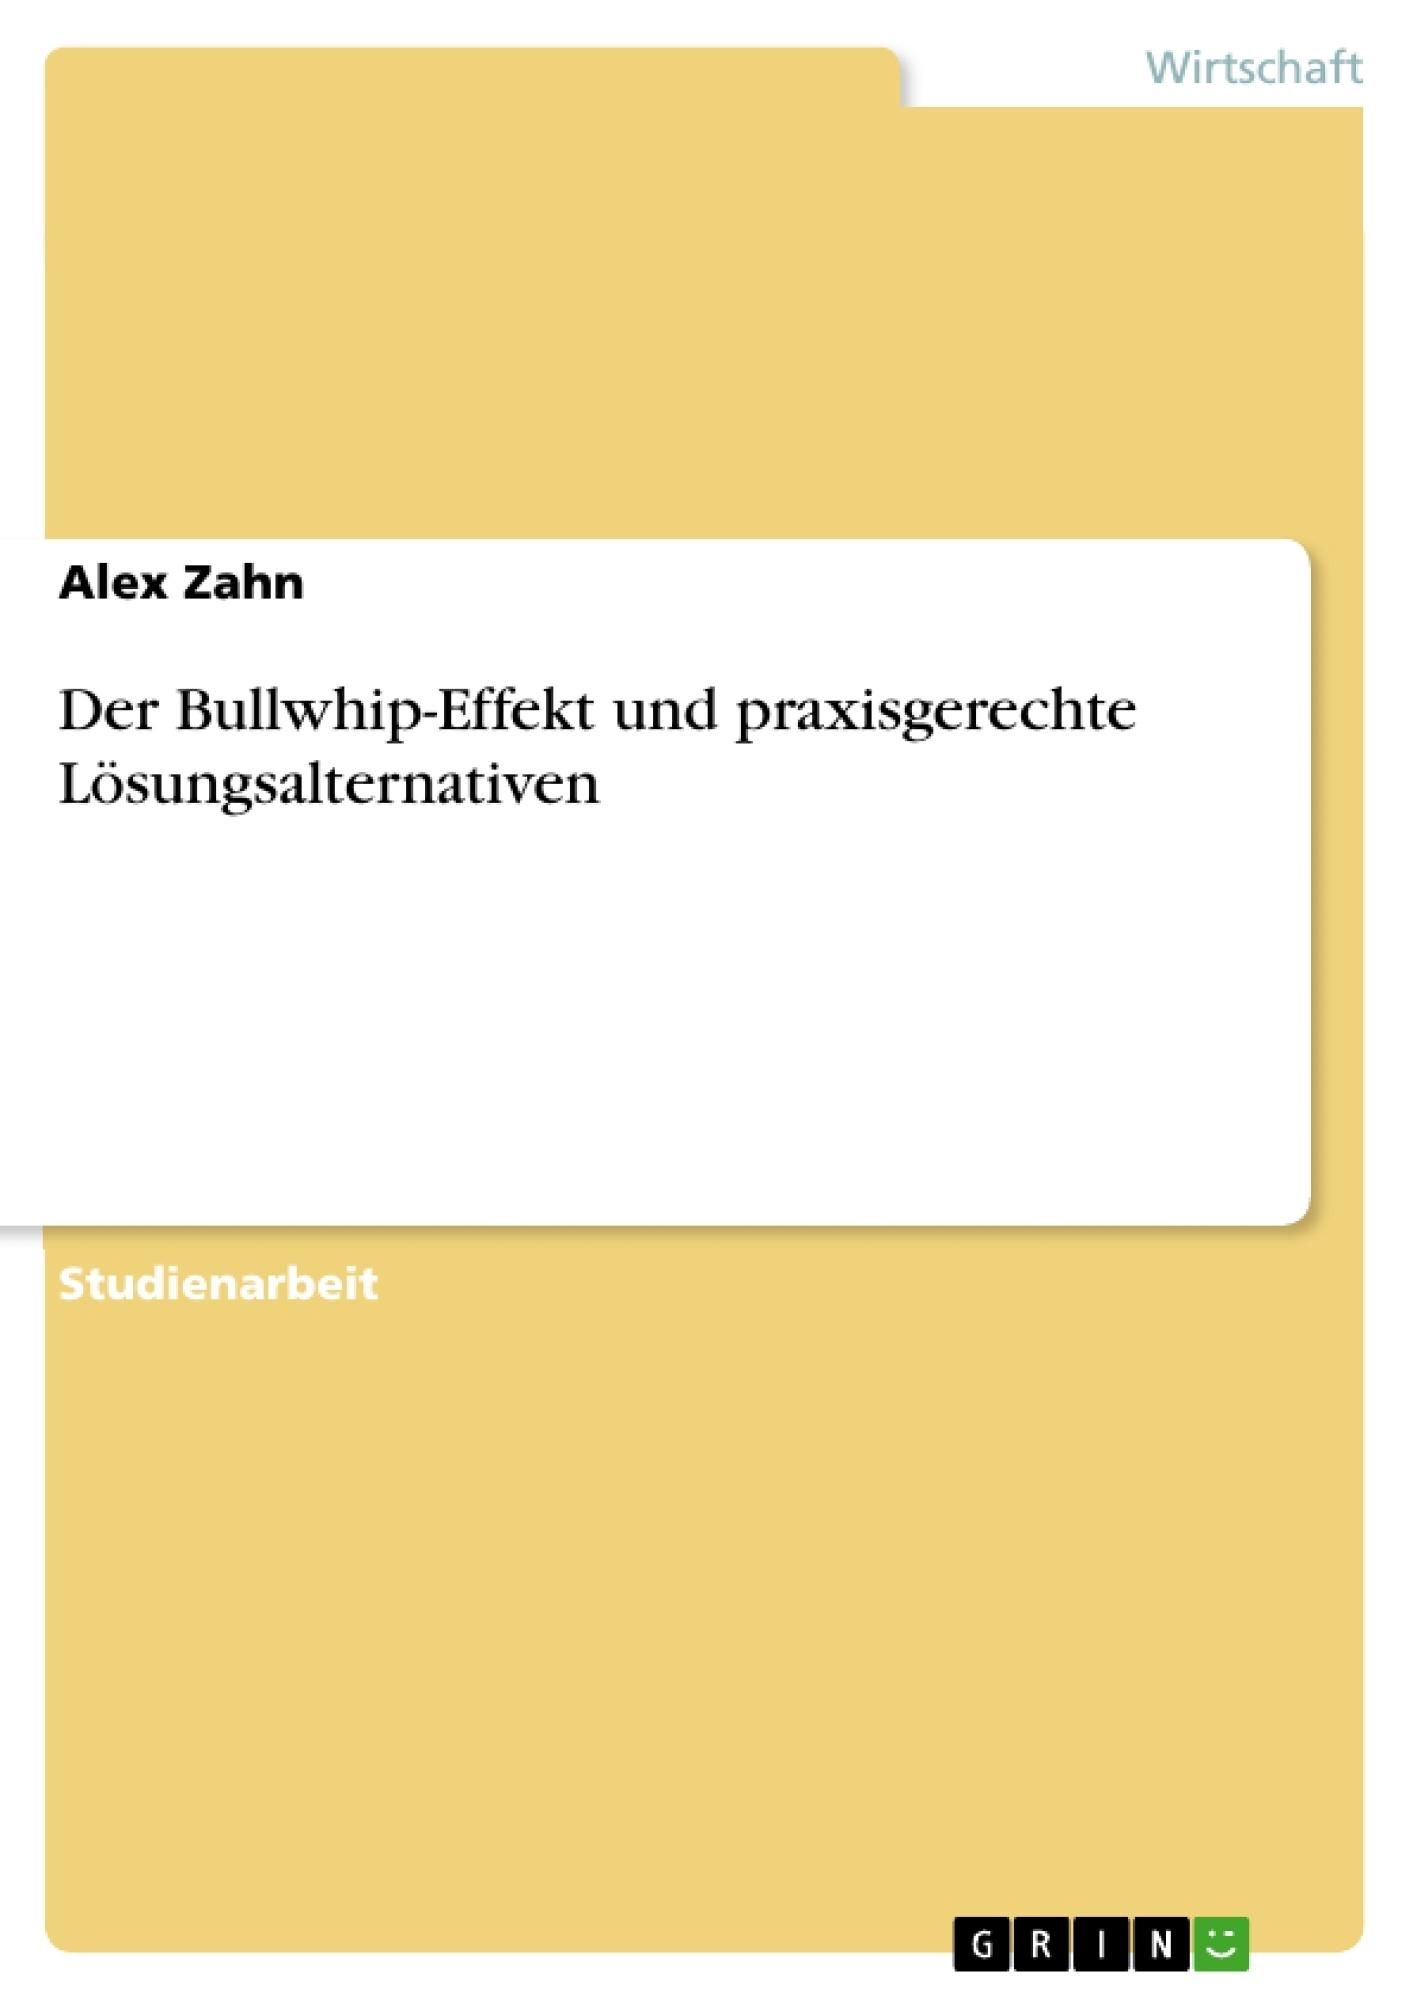 Titel: Der Bullwhip-Effekt und praxisgerechte Lösungsalternativen